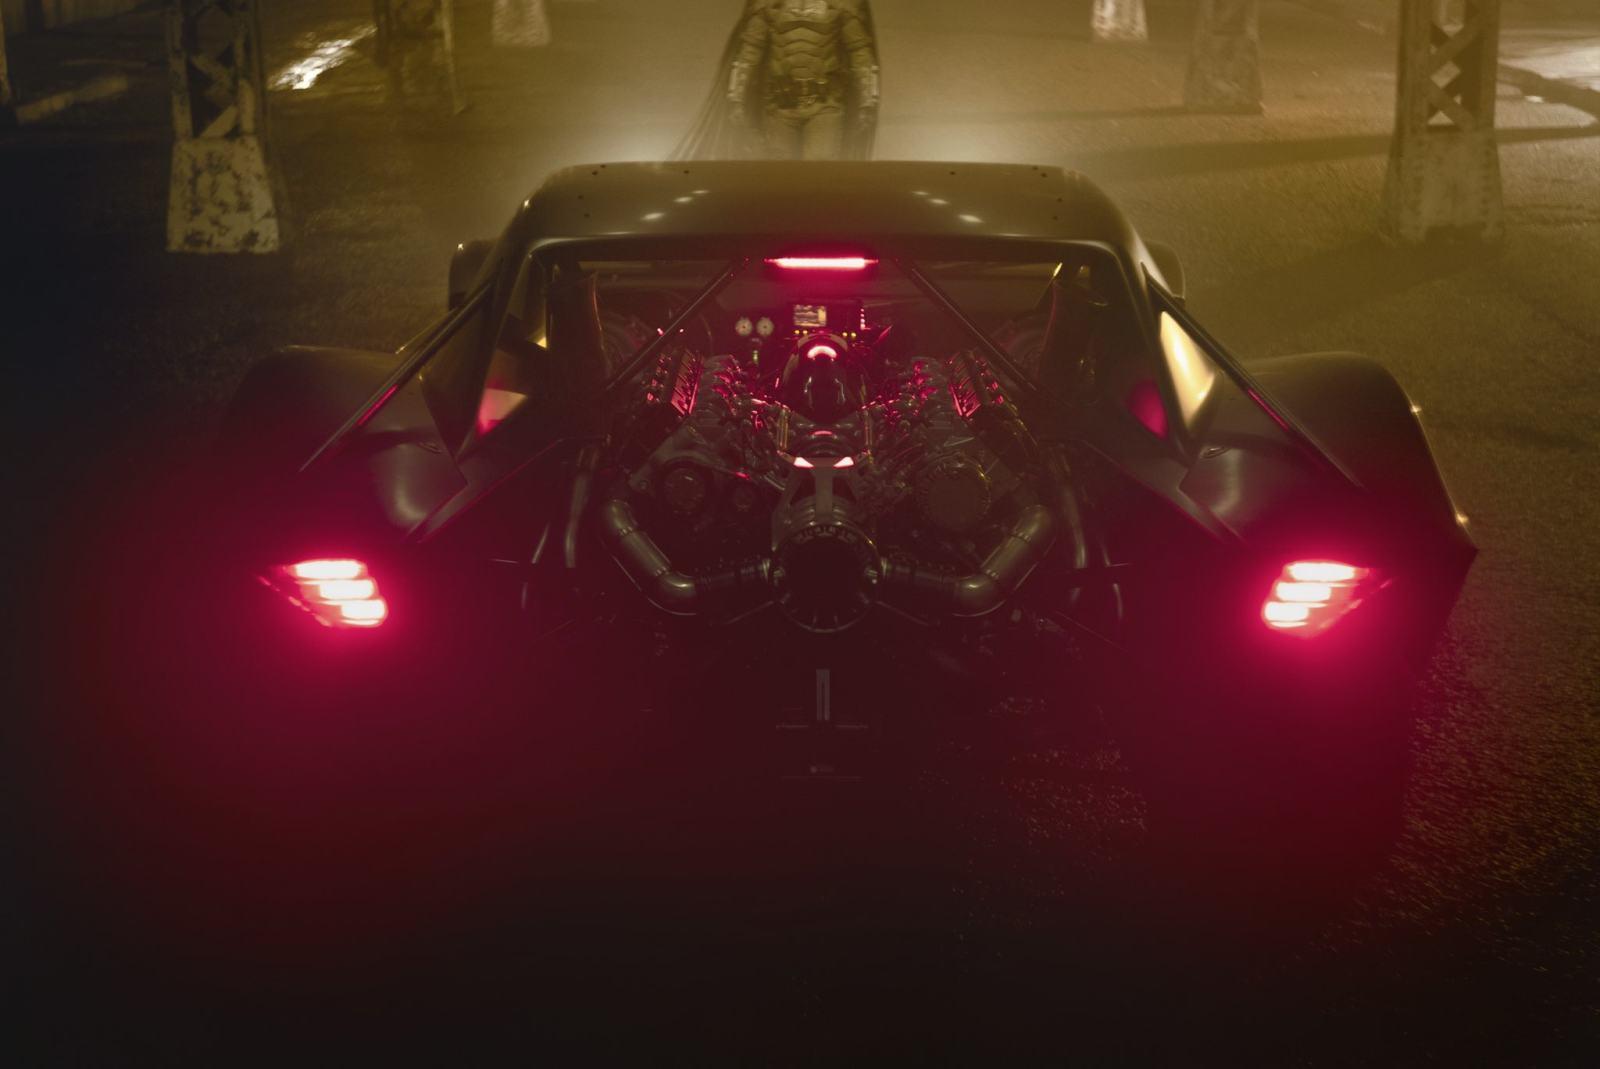 简约至上,罗伯特·帕丁森版《蝙蝠侠》蝙蝠车正式公开